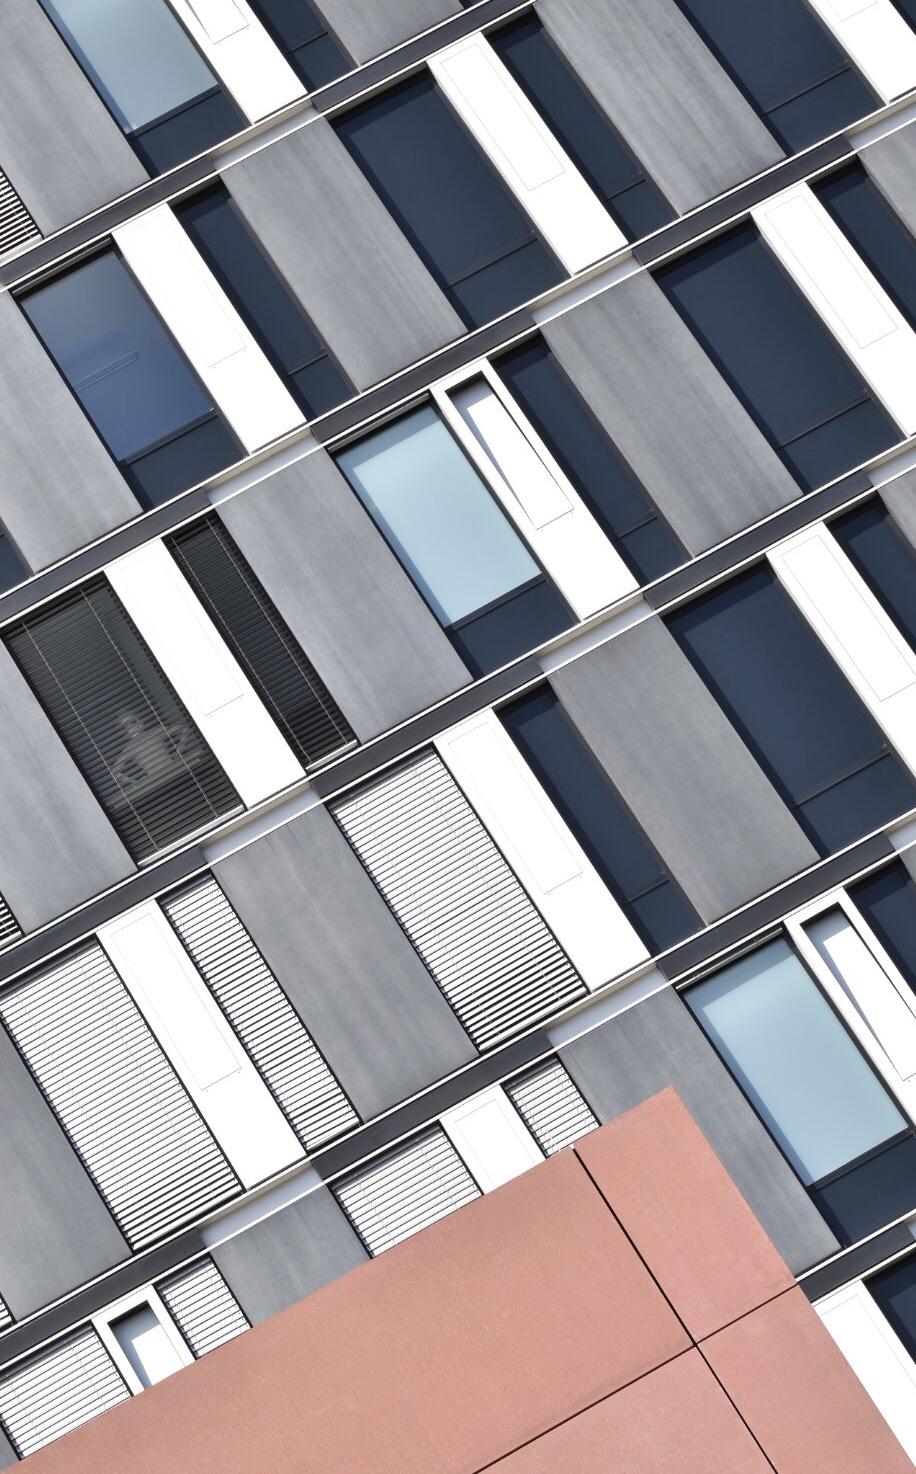 Rötliches Gebäude vor der Fensterfassade eines Hochhauses